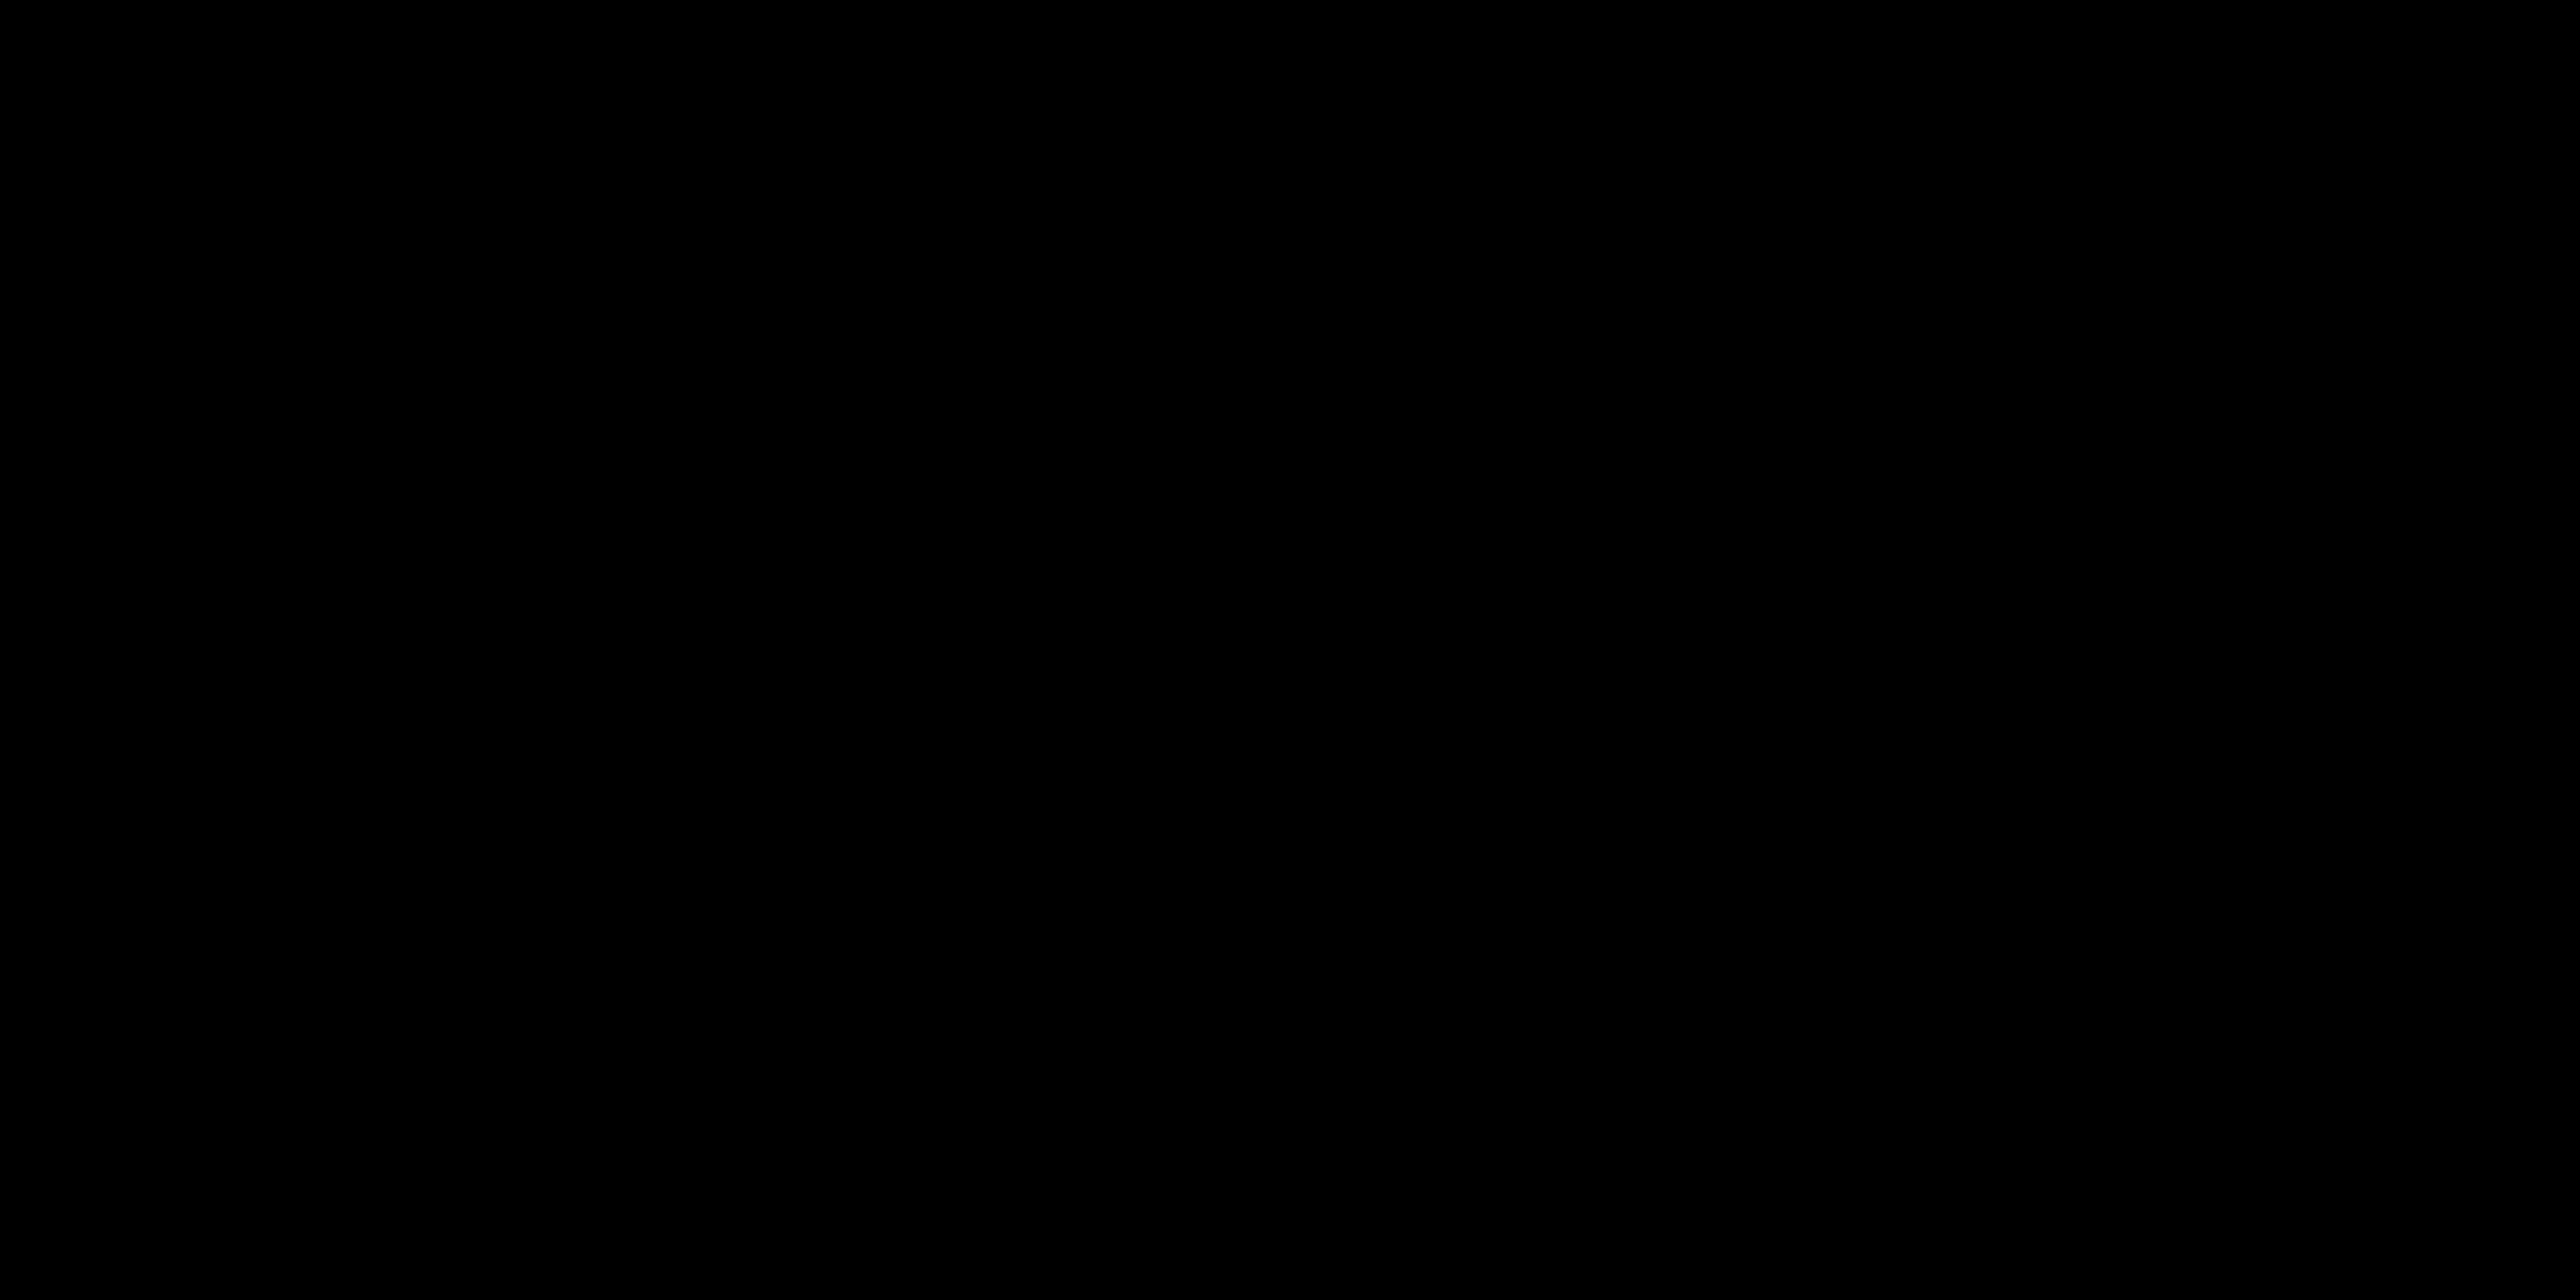 Big Green Delight Event